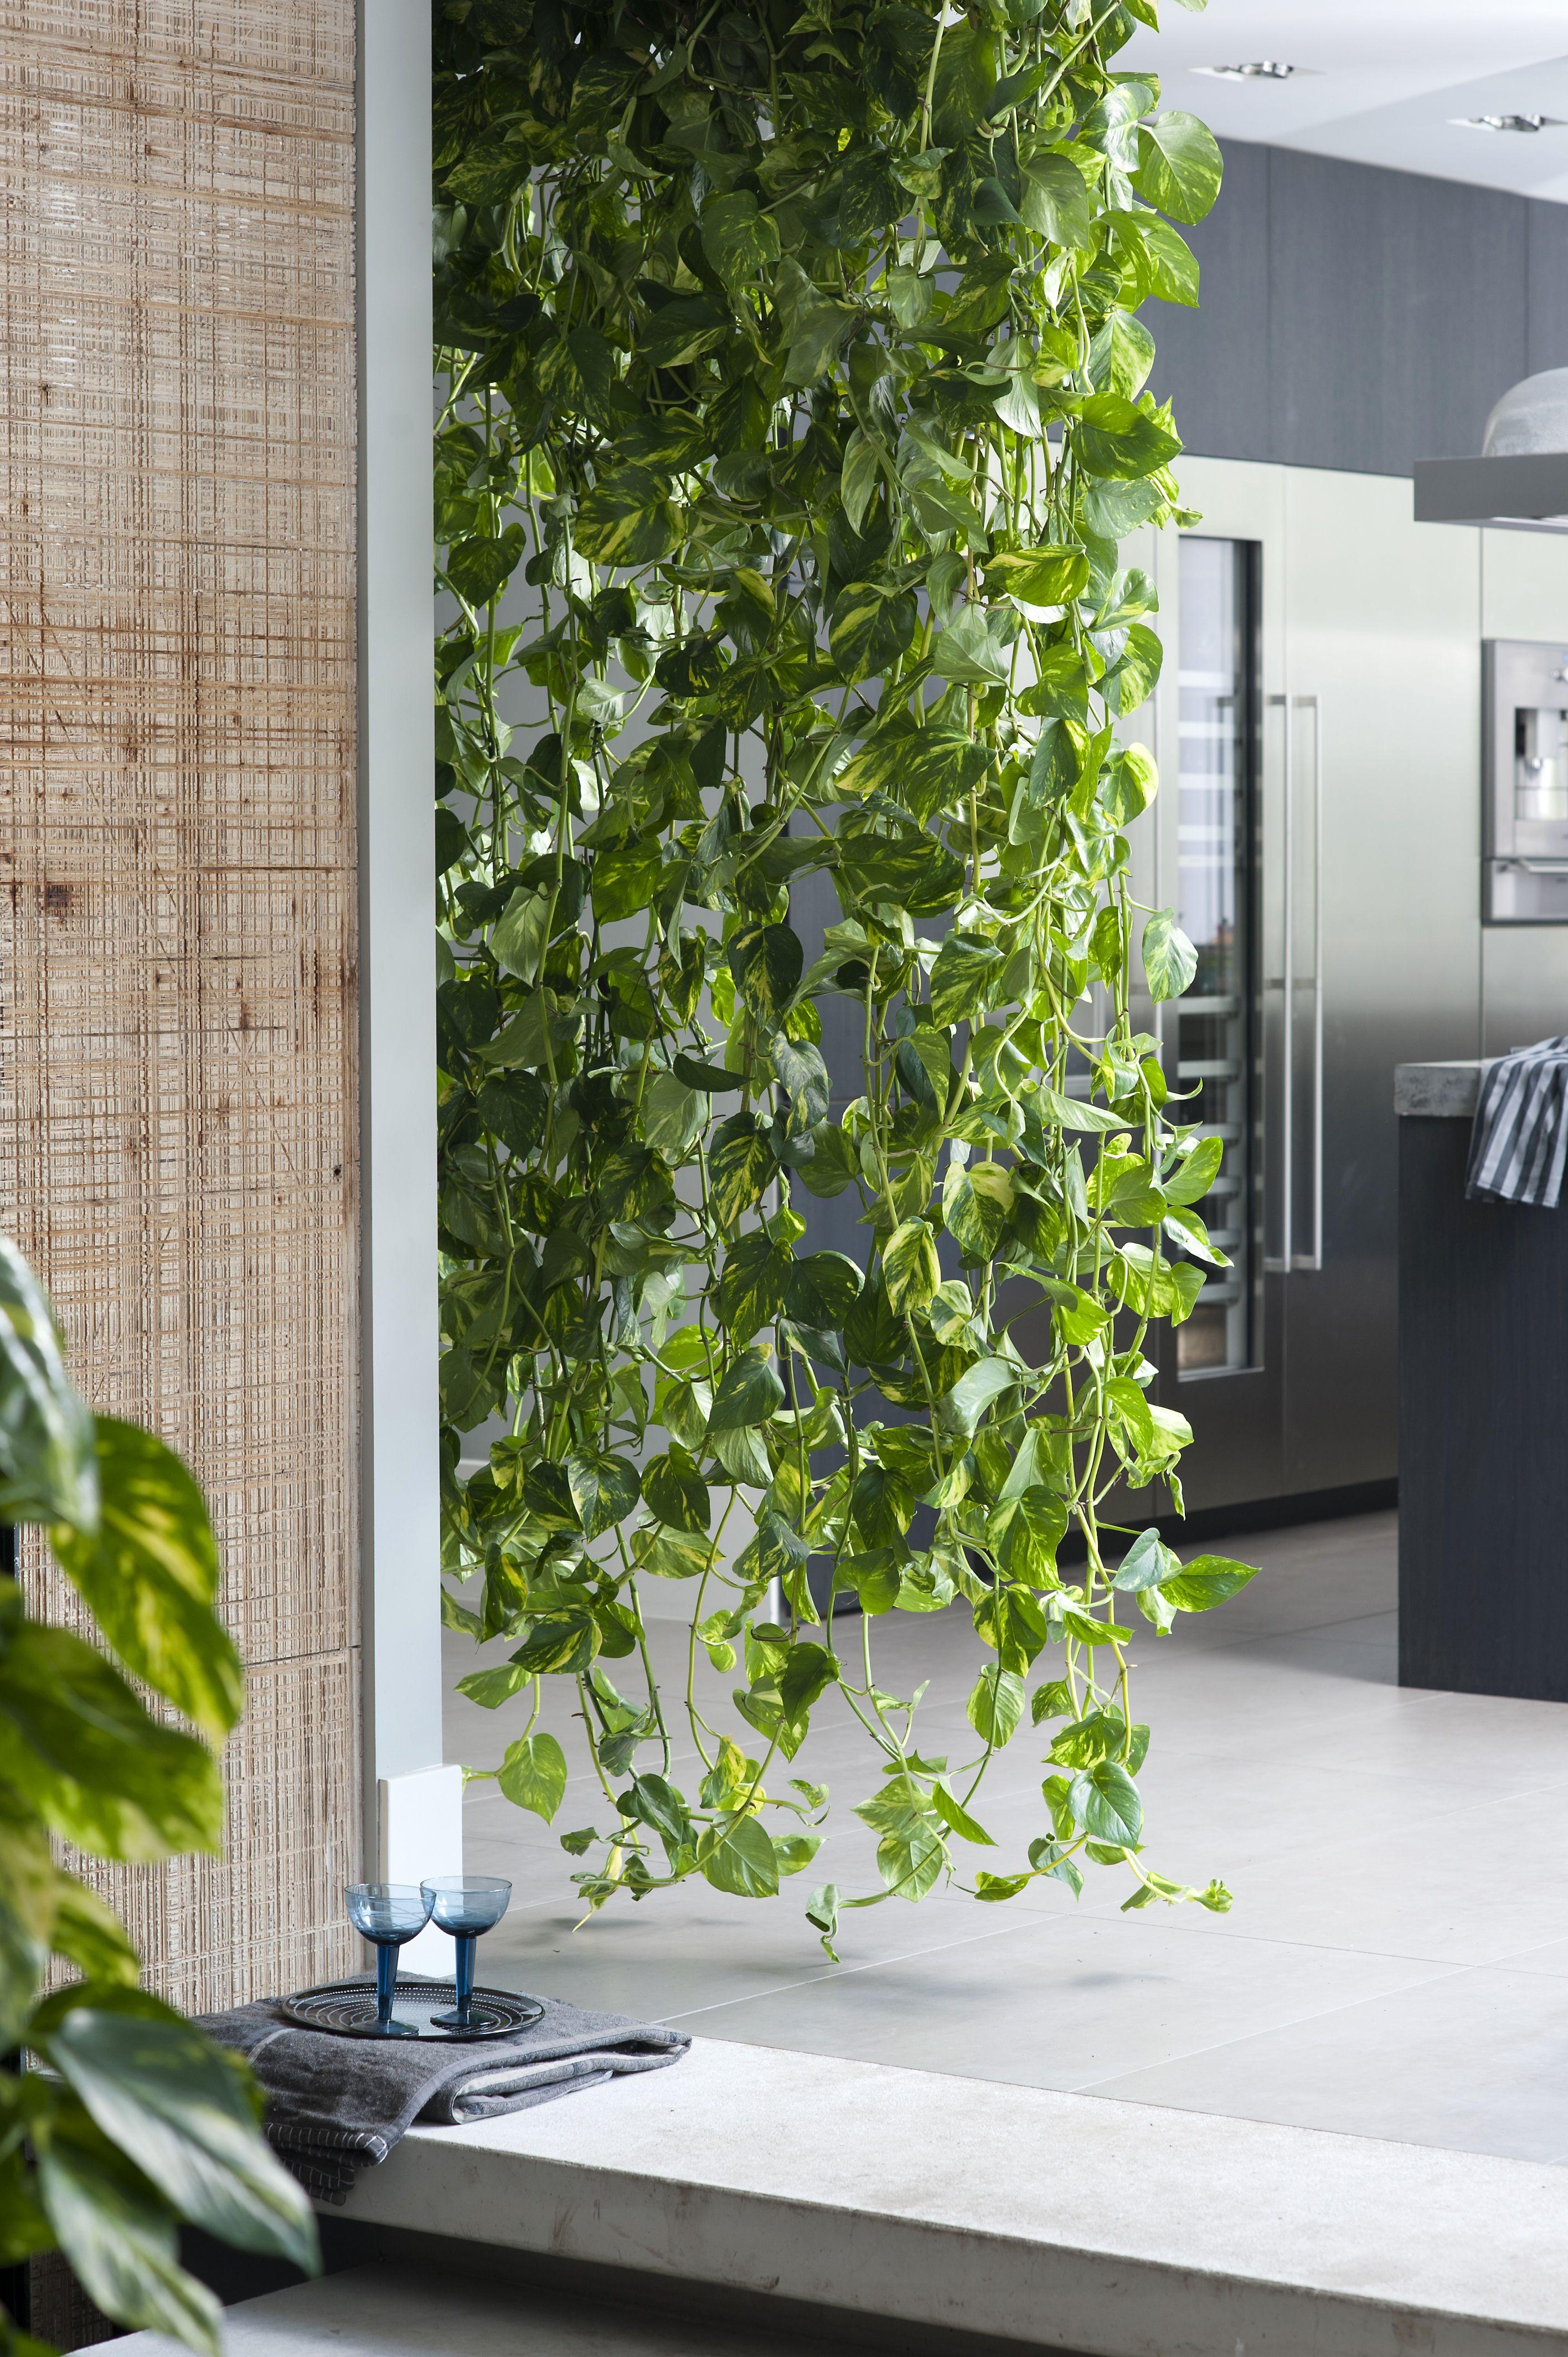 de pflanzen pinterest zimmerpflanzen wasserfall und pflanzen. Black Bedroom Furniture Sets. Home Design Ideas